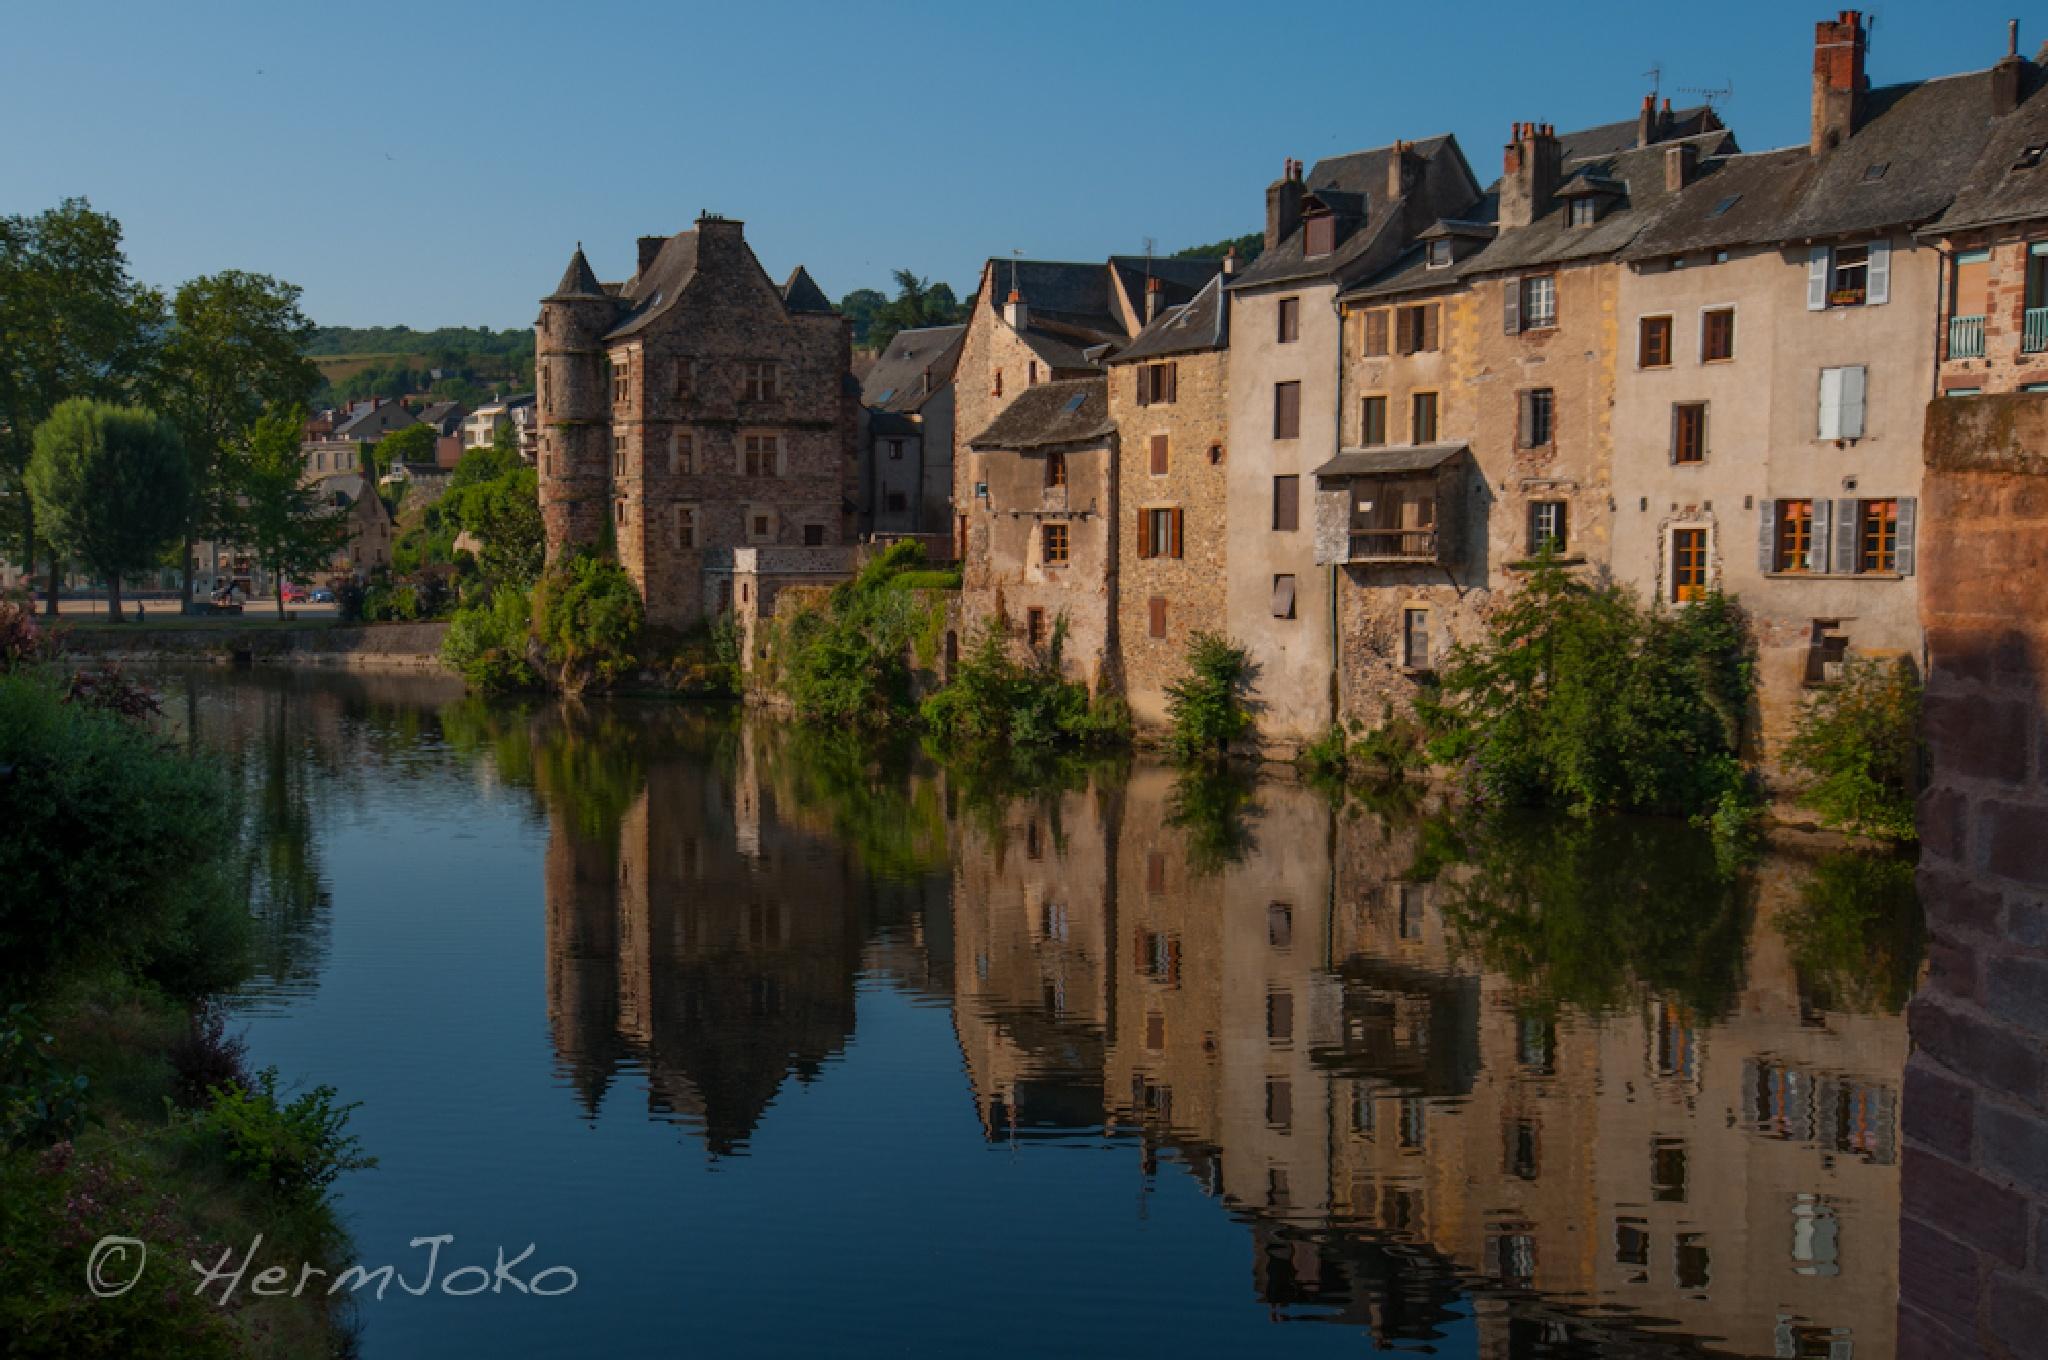 #89 | Espalion, France by HermJo Koch